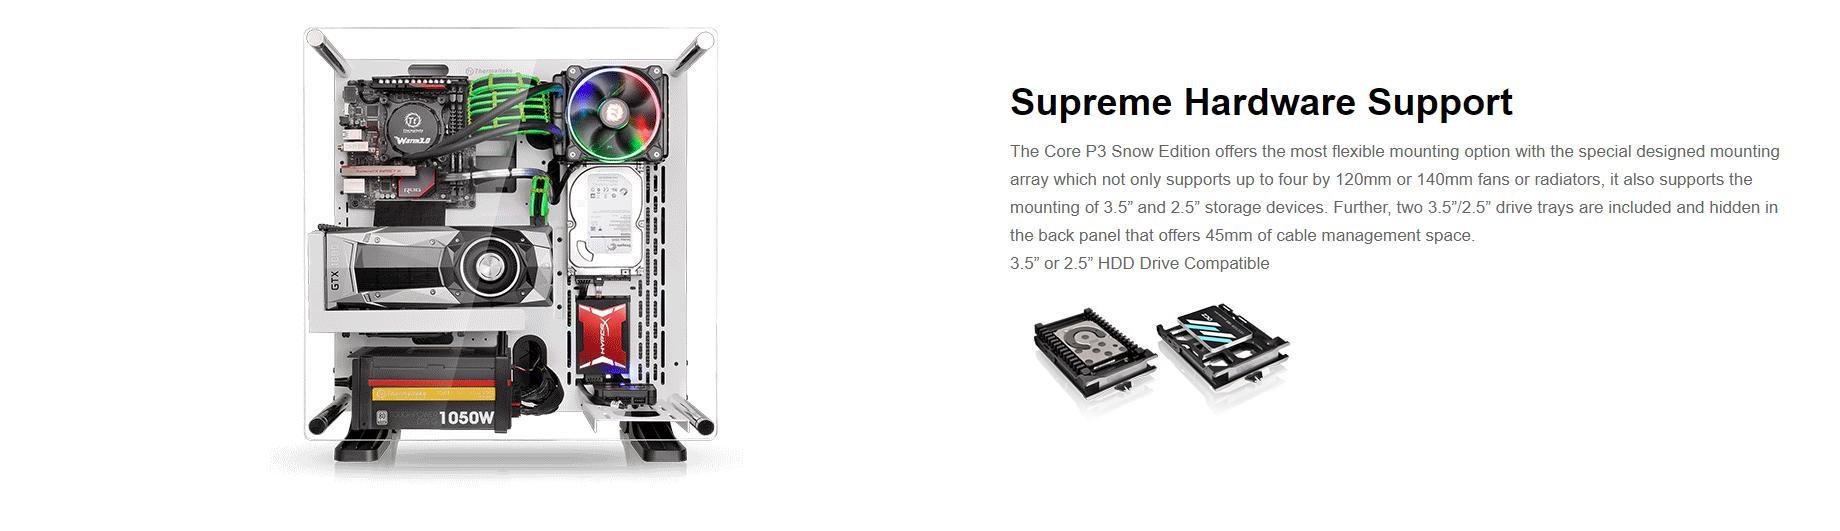 Vỏ Case Thermaltake Core P3 Tempered Glass (Mid Tower/Màu Đen/Kính Cong) cung cấp tùy chọn gắn linh hoạt với thiết kế đặc biệt